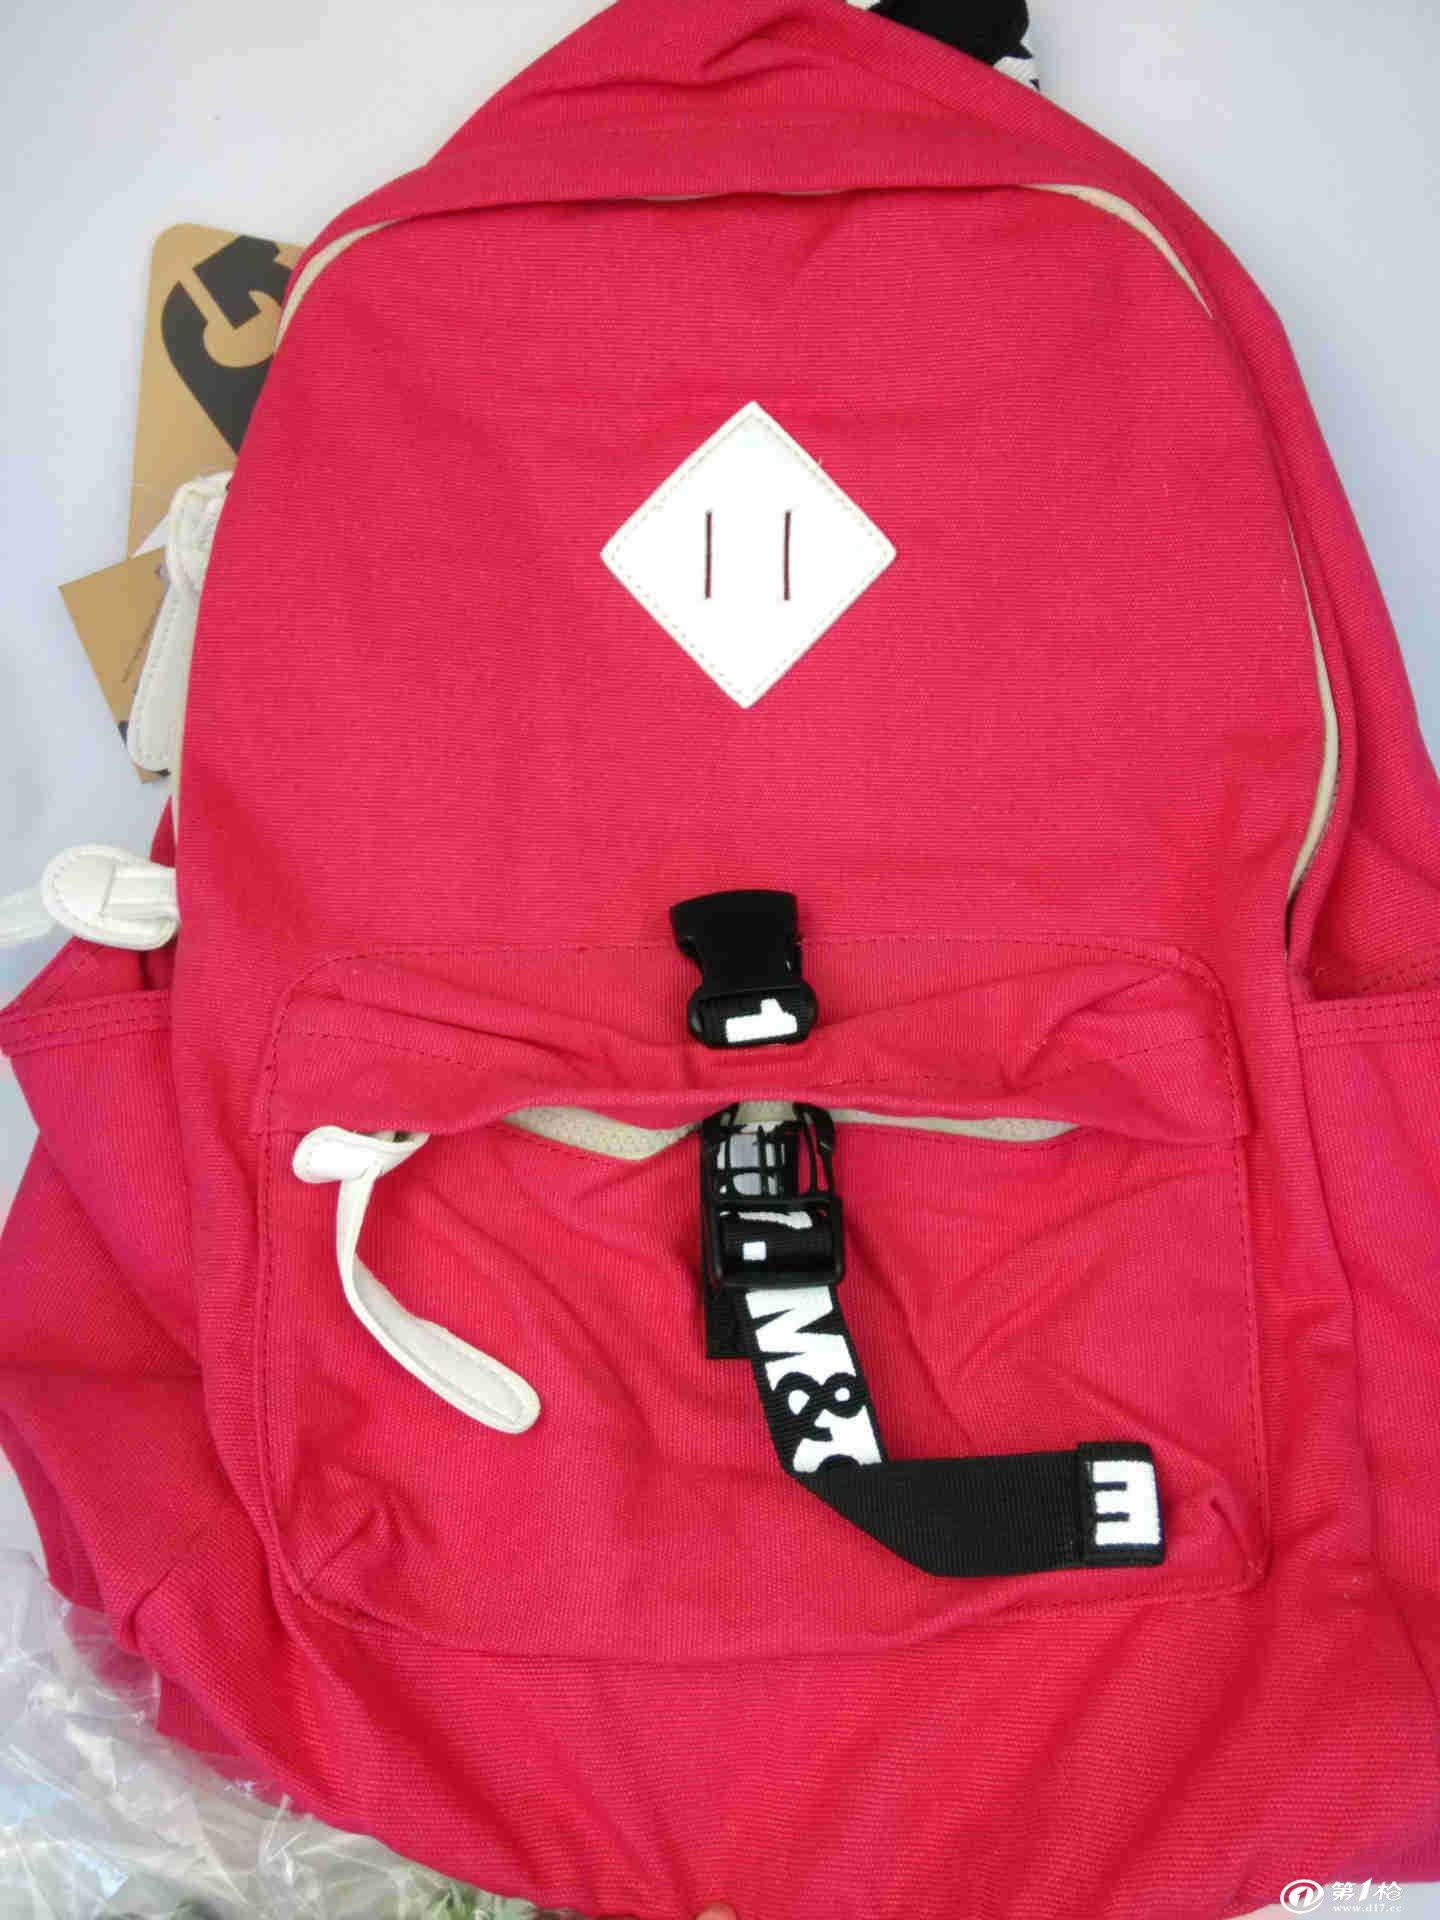 正品 特价 晨光文具 时尚猪鼻书包abb93006 中学生书包 晨光书包图片